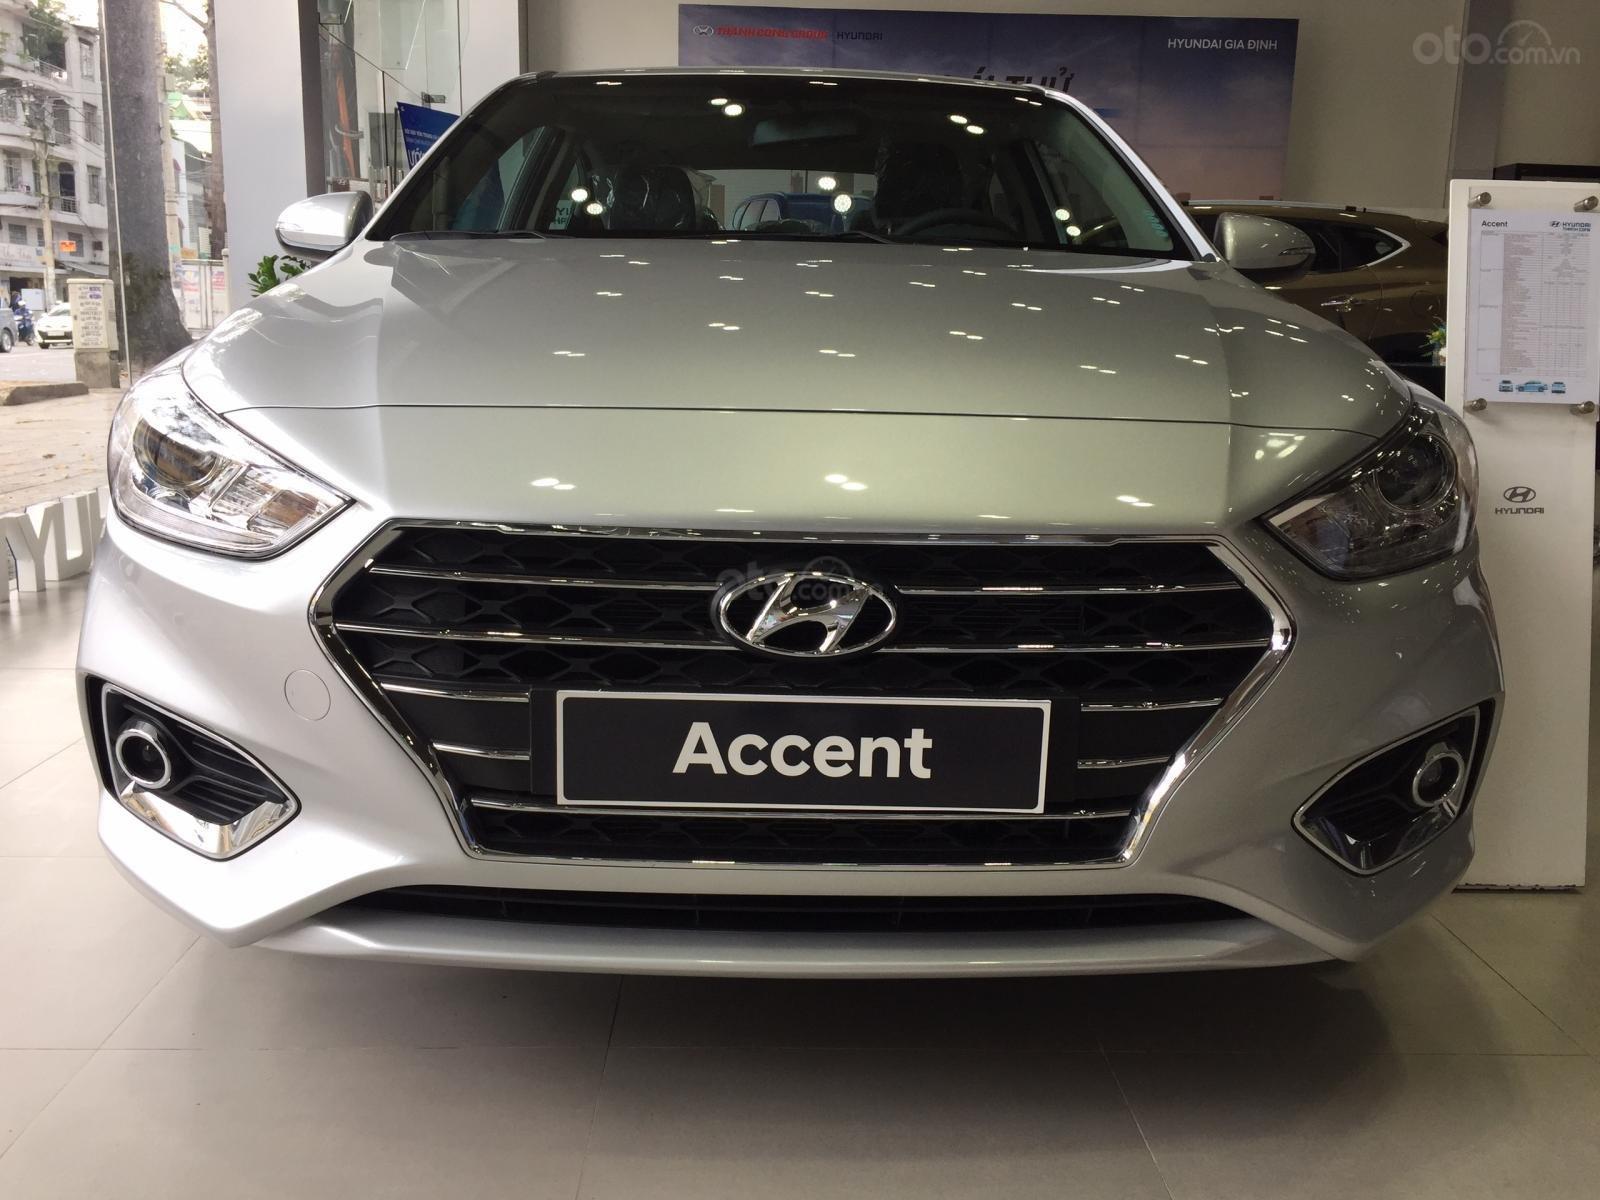 Bán Hyundai Accent 2019 mới, hỗ trợ vay trả góp 80 -90%-0